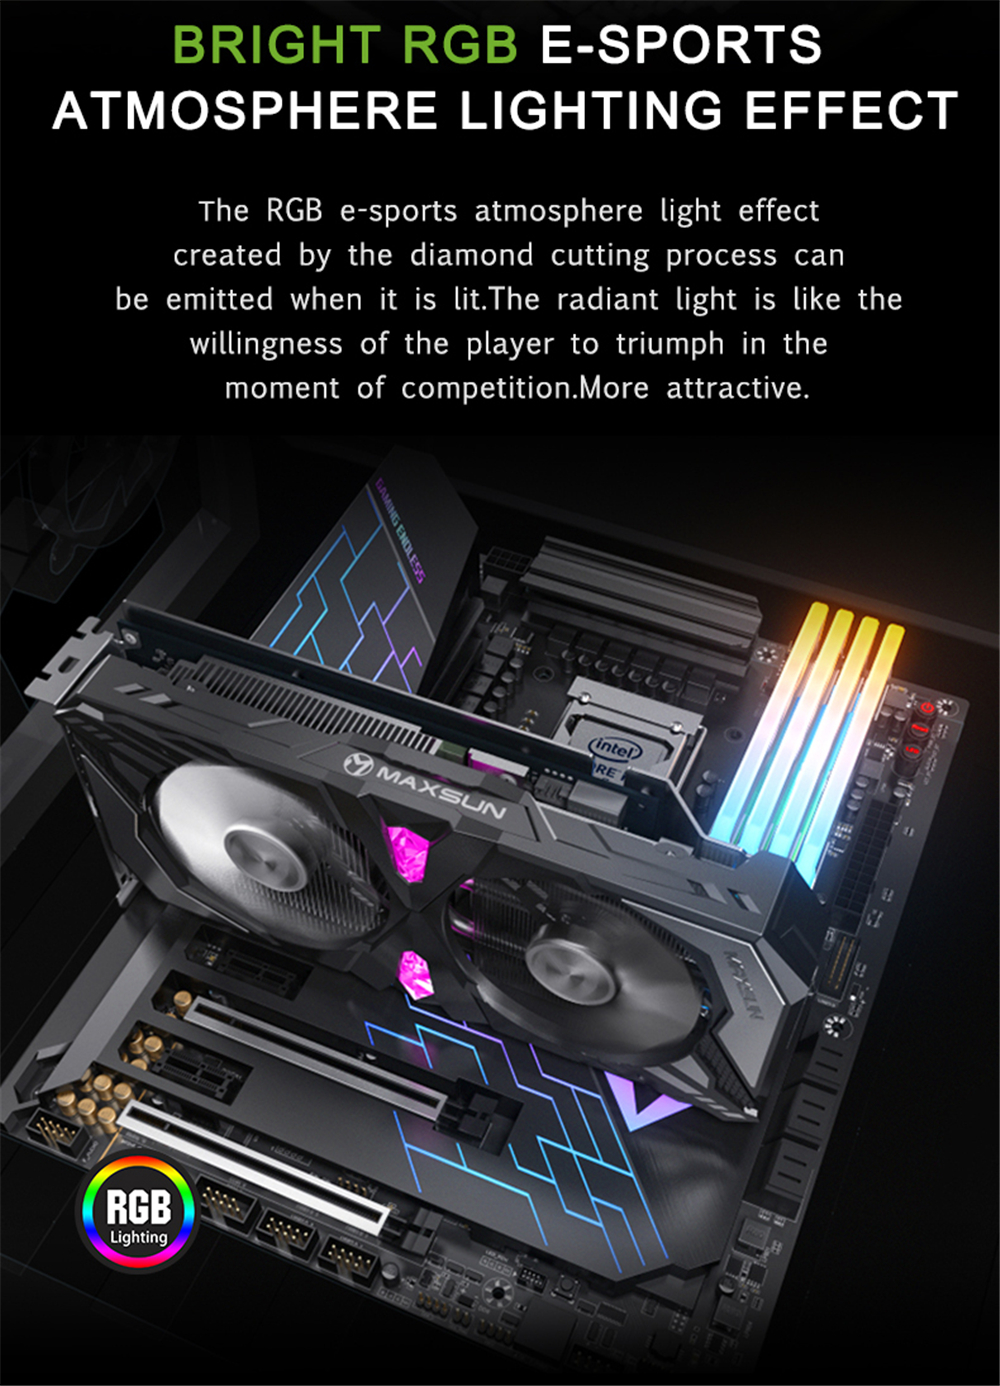 GeForce-RTX-2060- 6G-790 - (11)